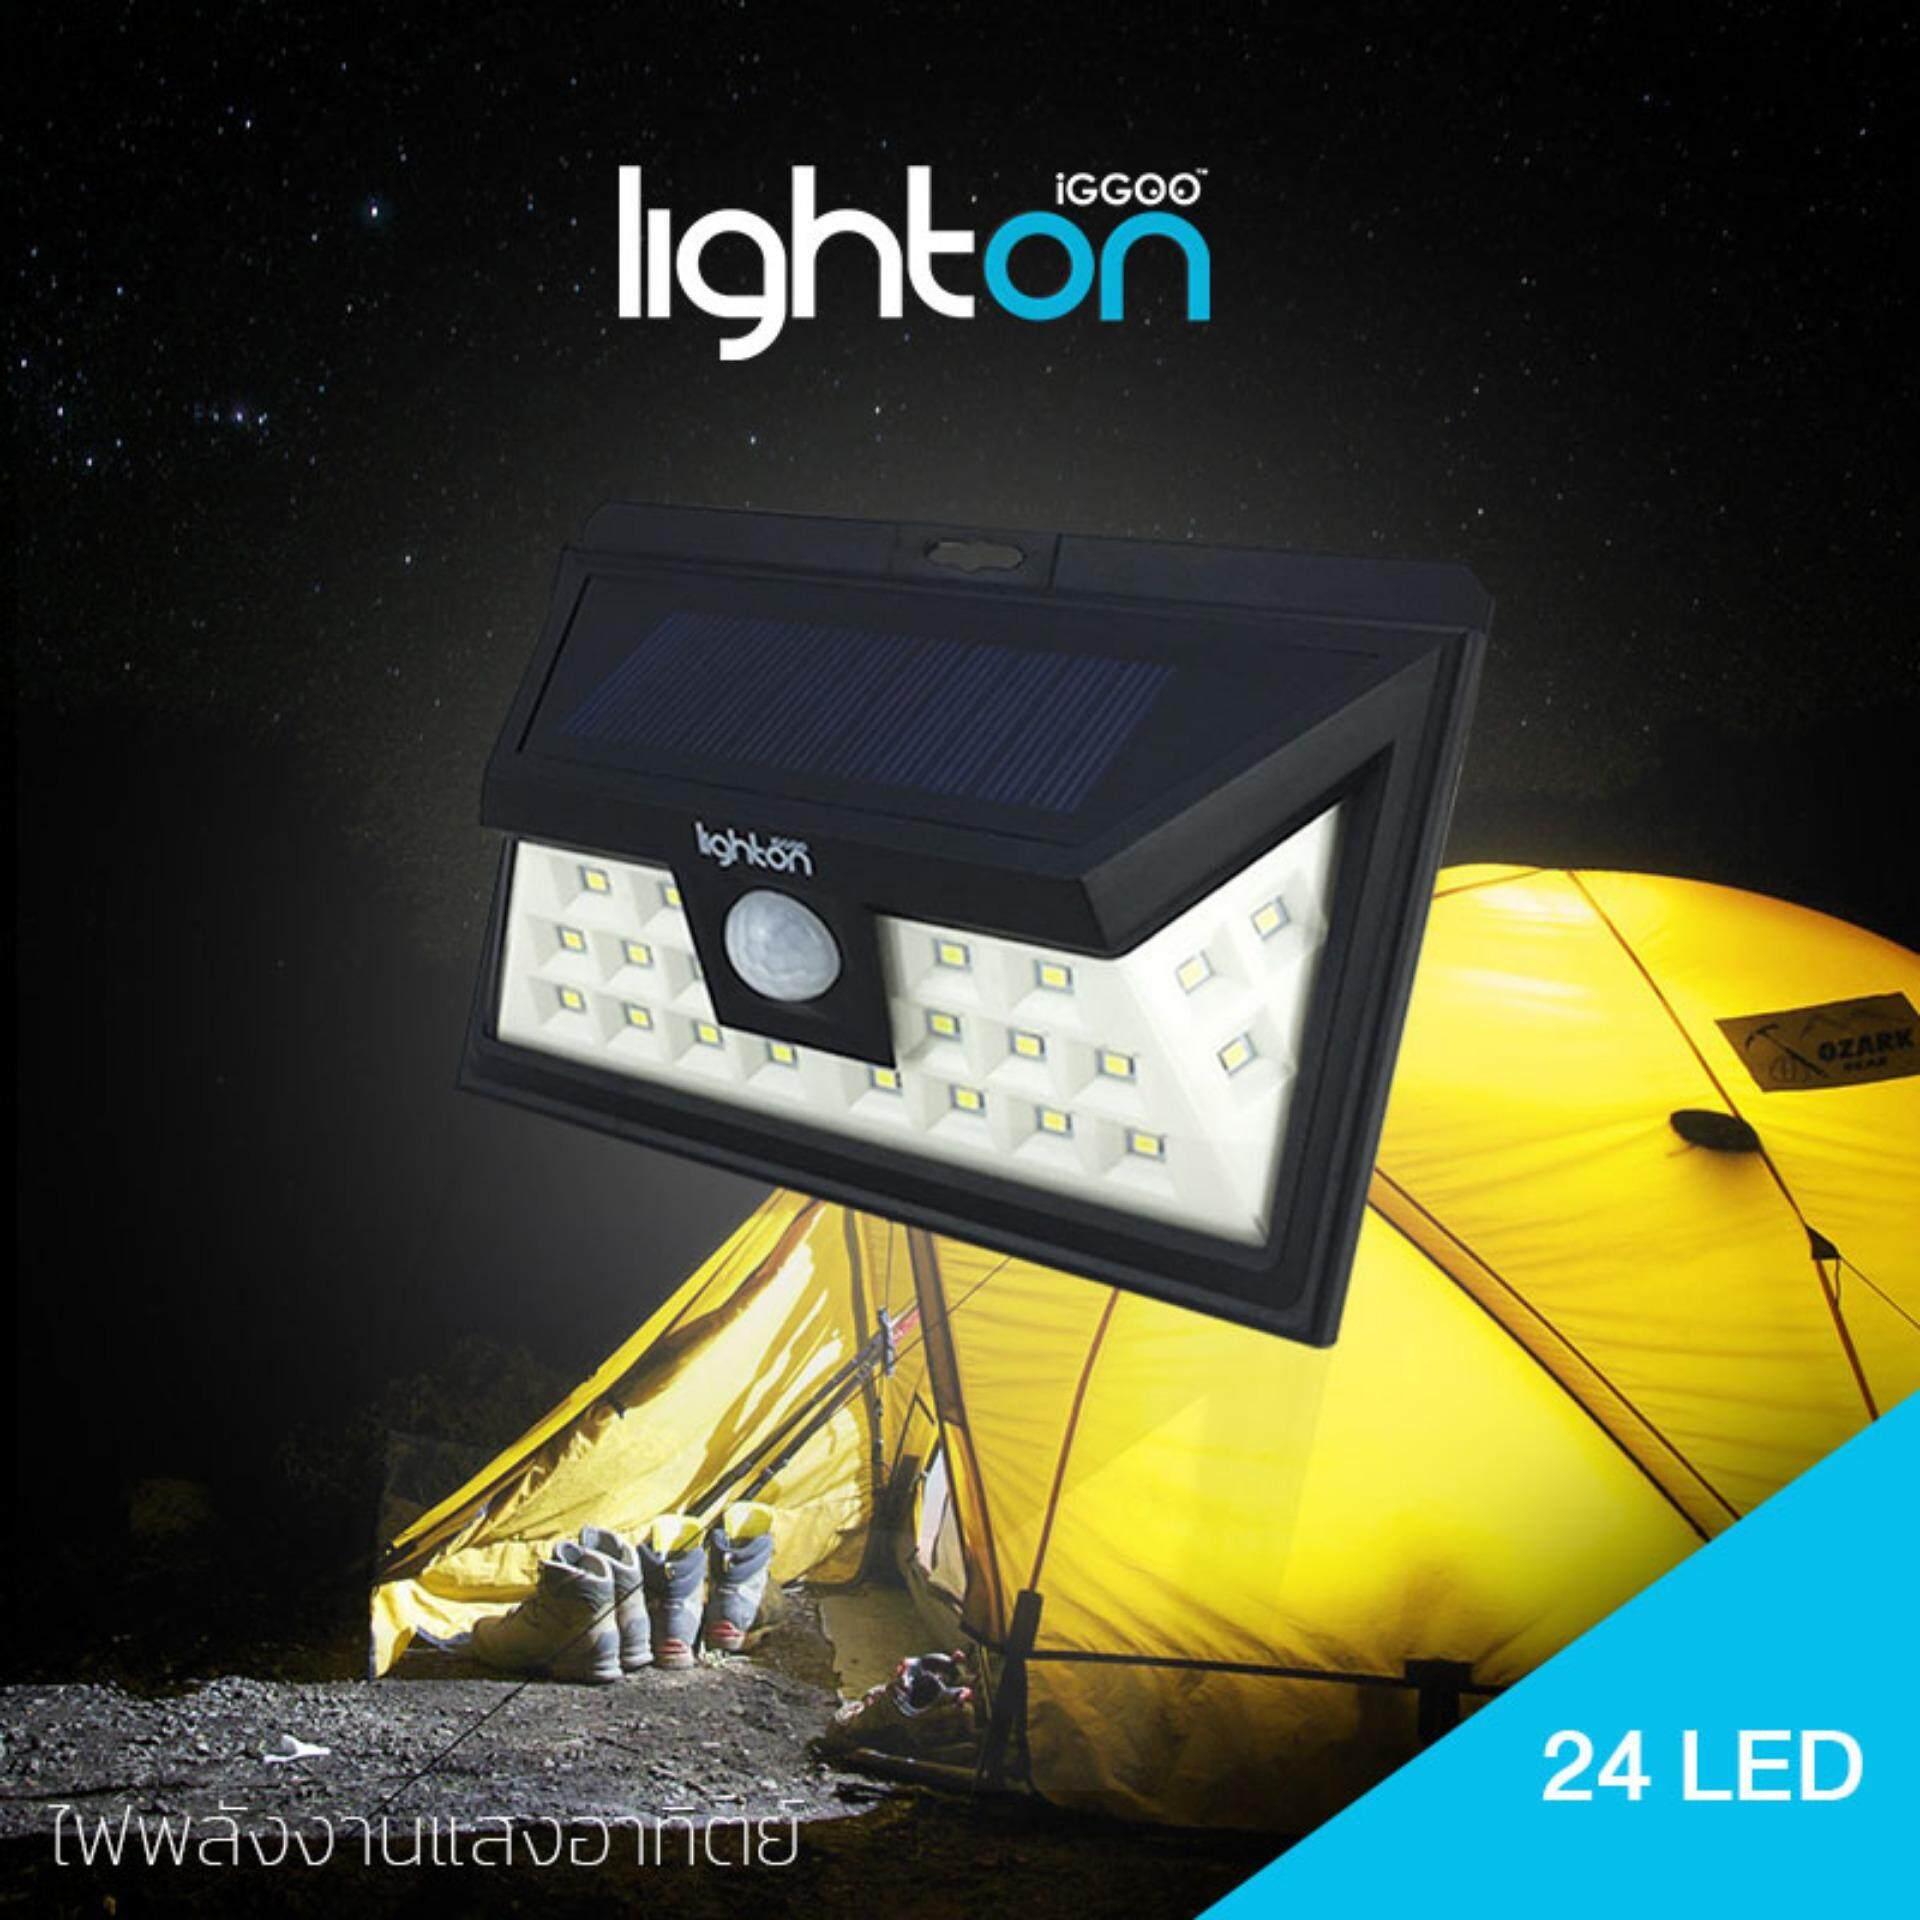 ขาย ซื้อ Solar Light ไฟ Led Lighton By Iggoo รุ่น 24 Solar Led ไฟพลังงานแสงอาทิตย์ พร้อมเซ็นเซอร์ตรวจจับความเคลื่อนไหว สี Cool White